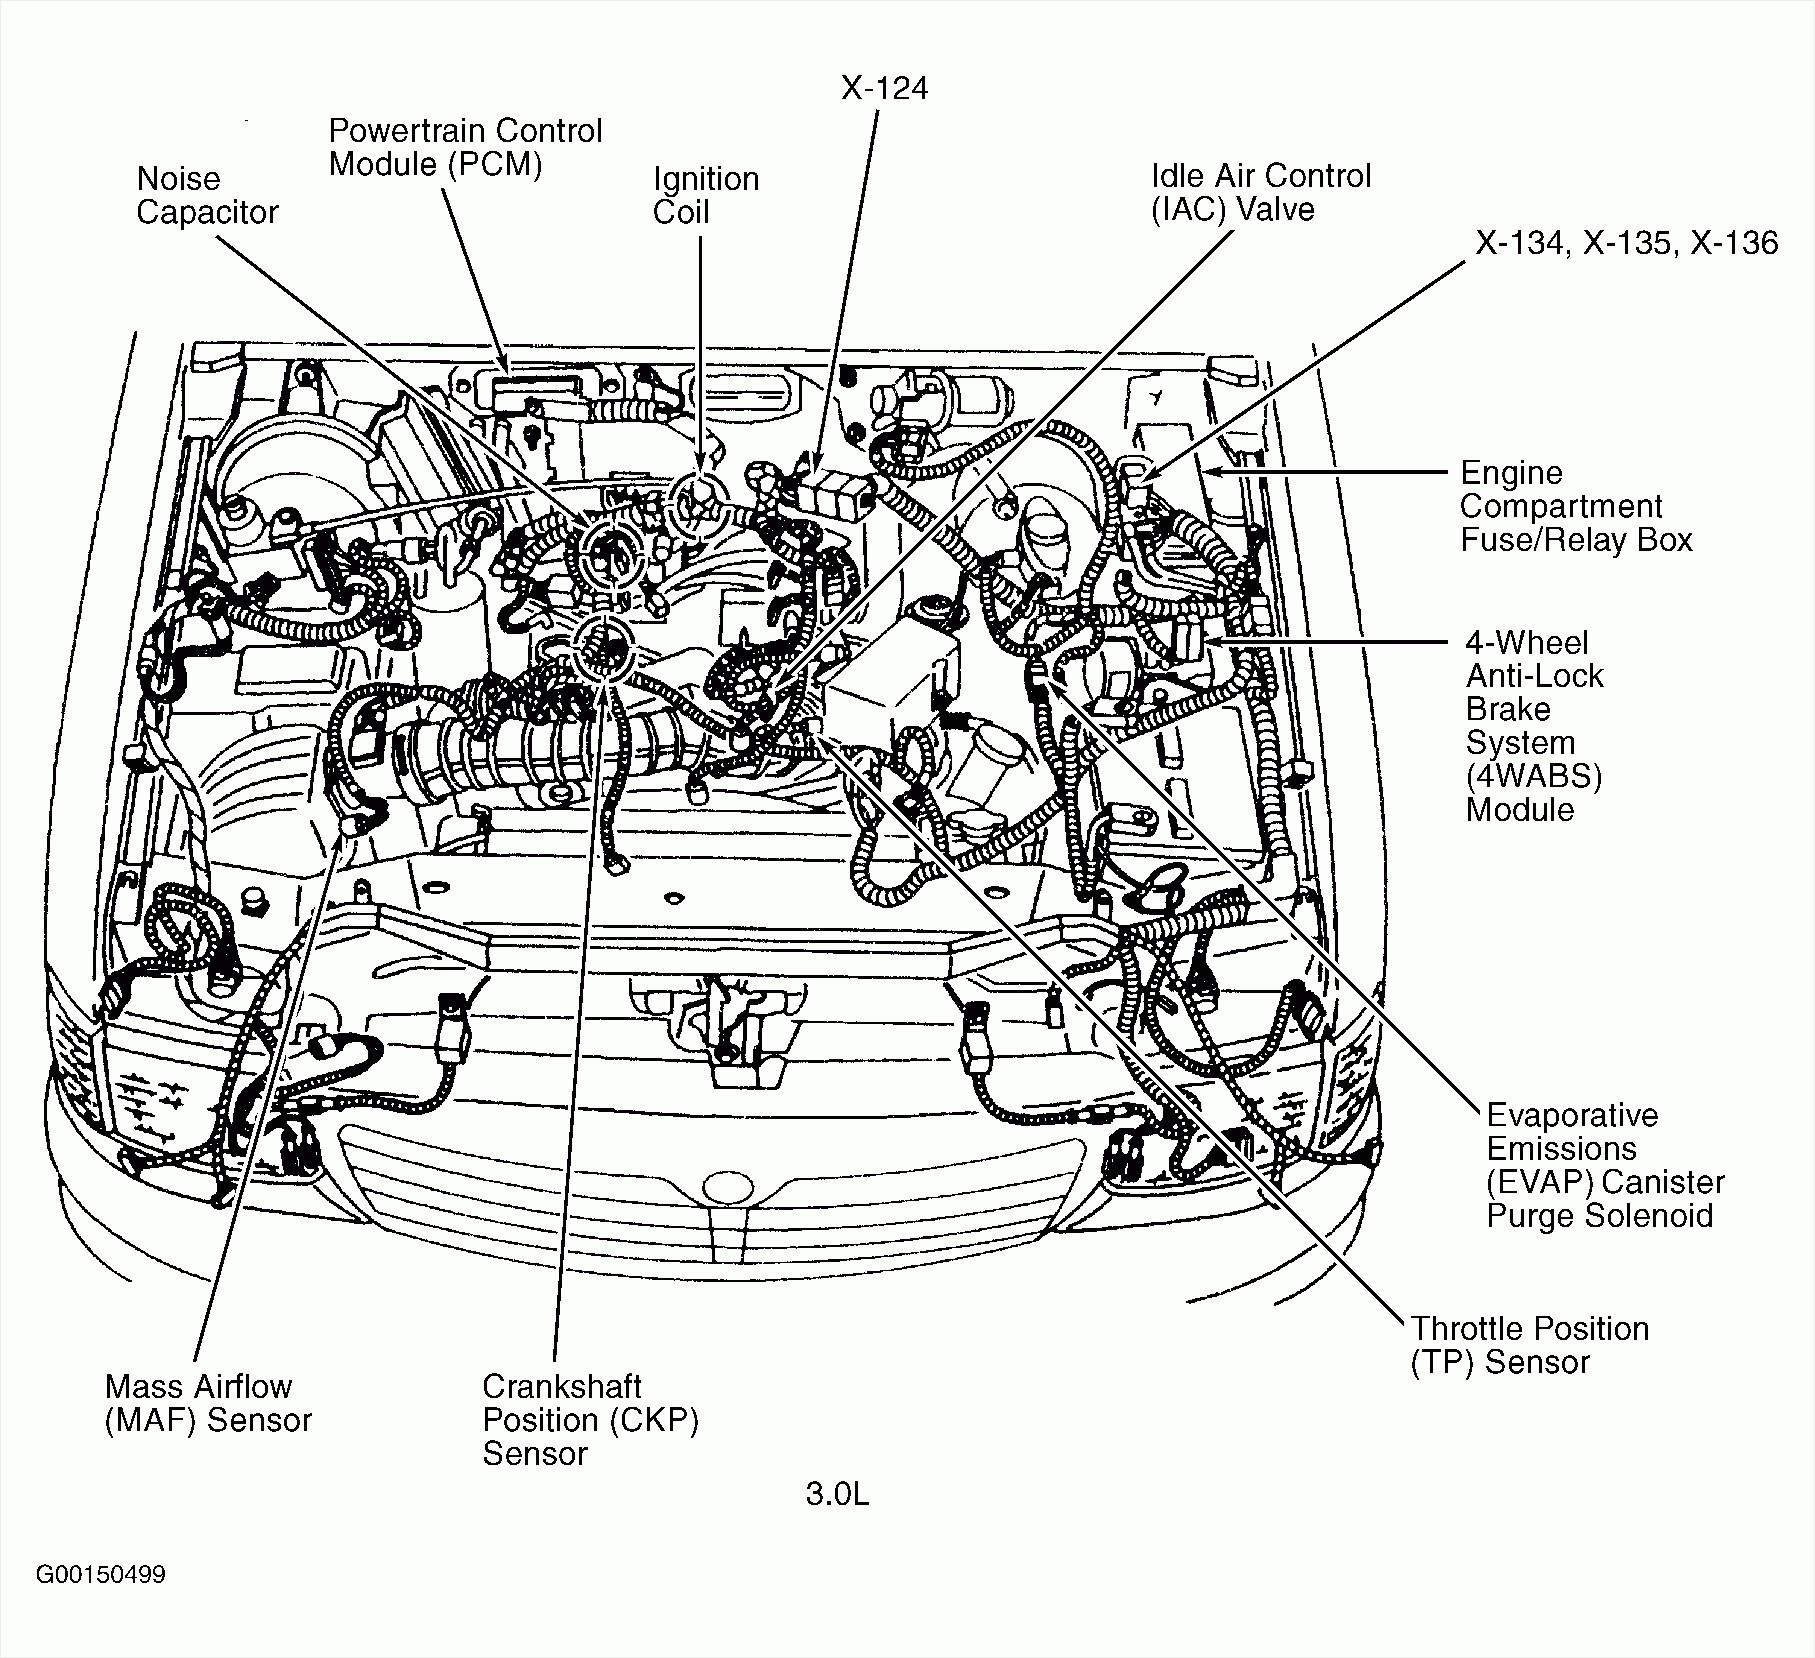 1954 Jaguar Xk120 Wiring Diagram Schematic | Online Wiring ... on